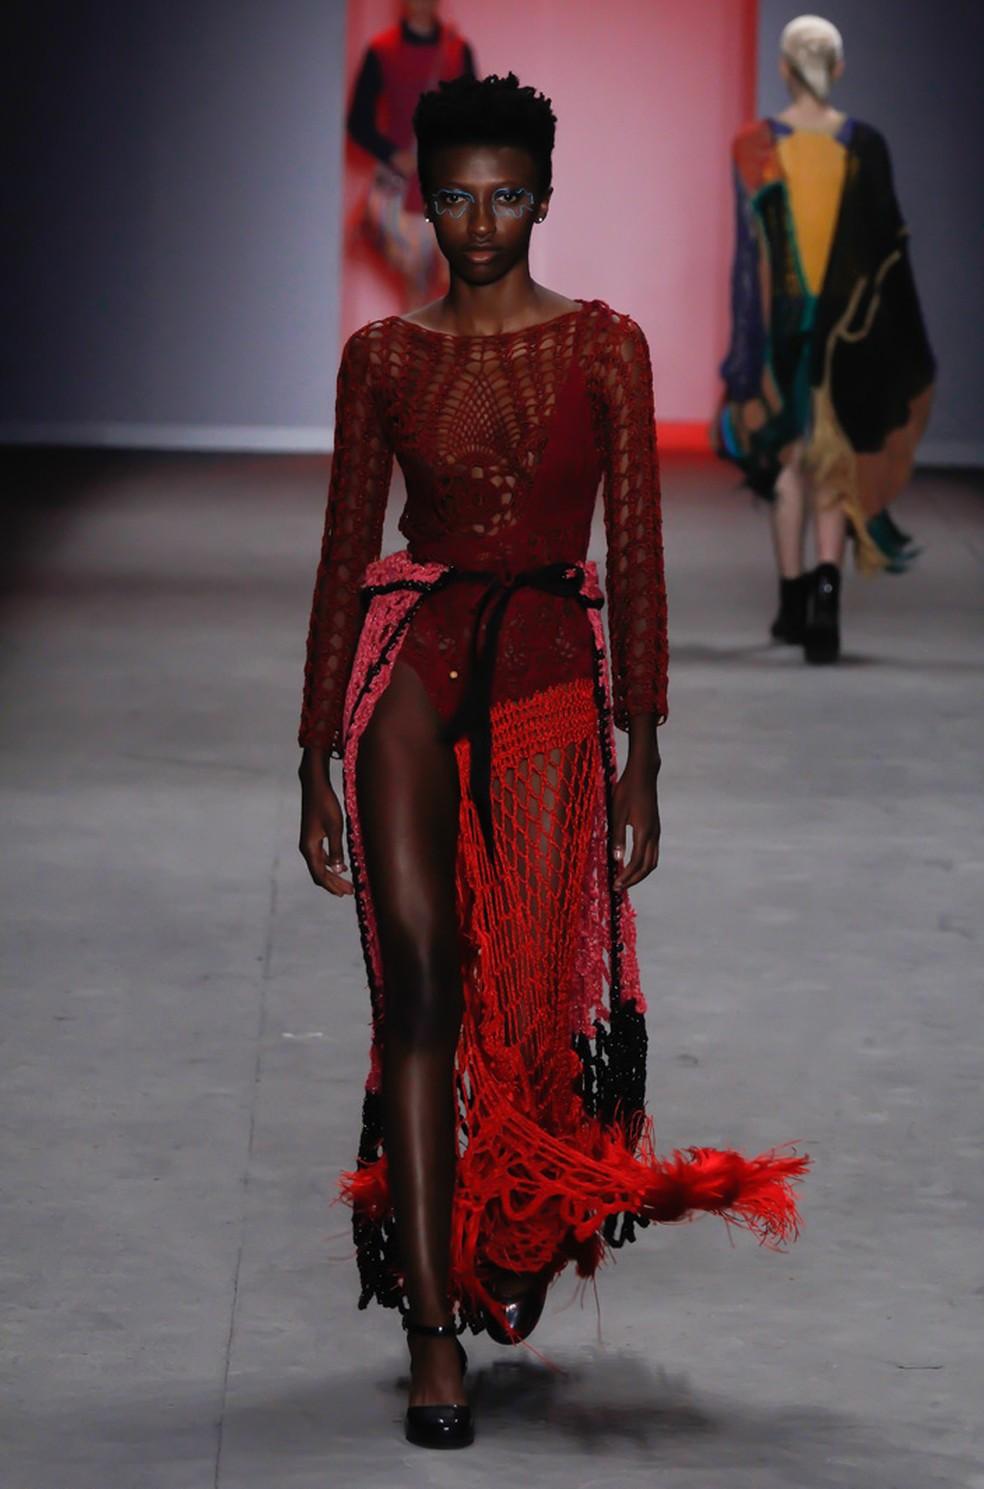 Modelo desfila para Ponto Firme na São Paulo Fashion Week, em abril de 2019 — Foto: Danilo Sorrino/Arquivo Pessoal